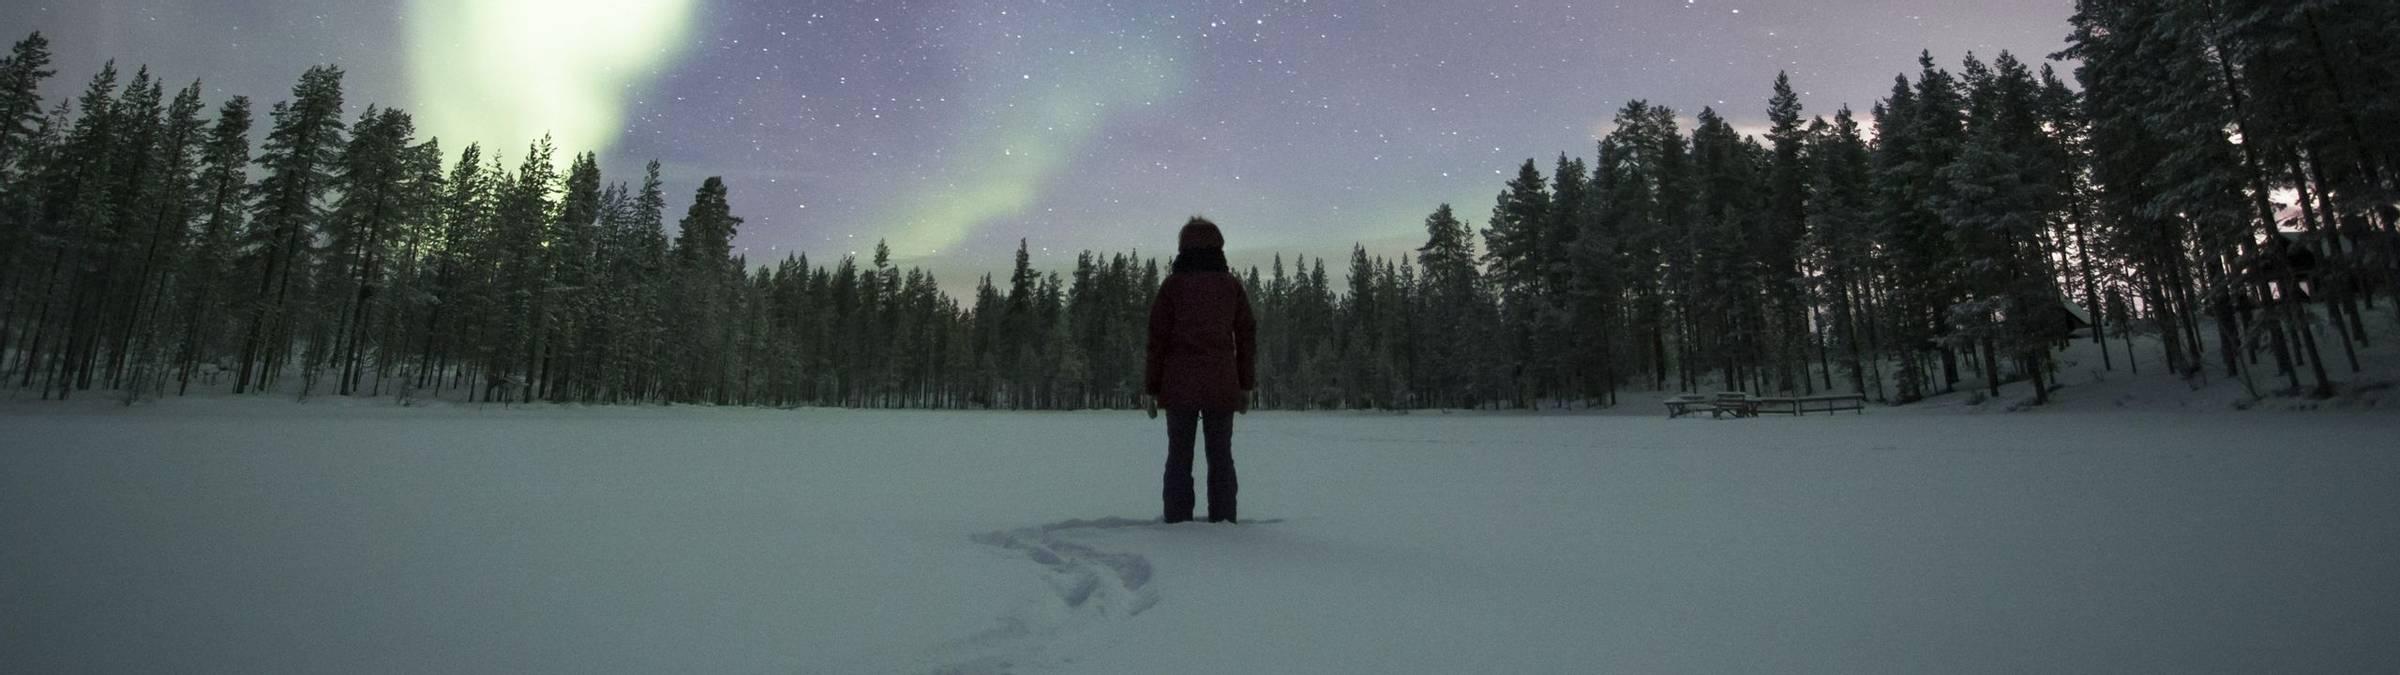 Luosto 25 Dec 16 - Credit Miika Hämäläinen.jpg